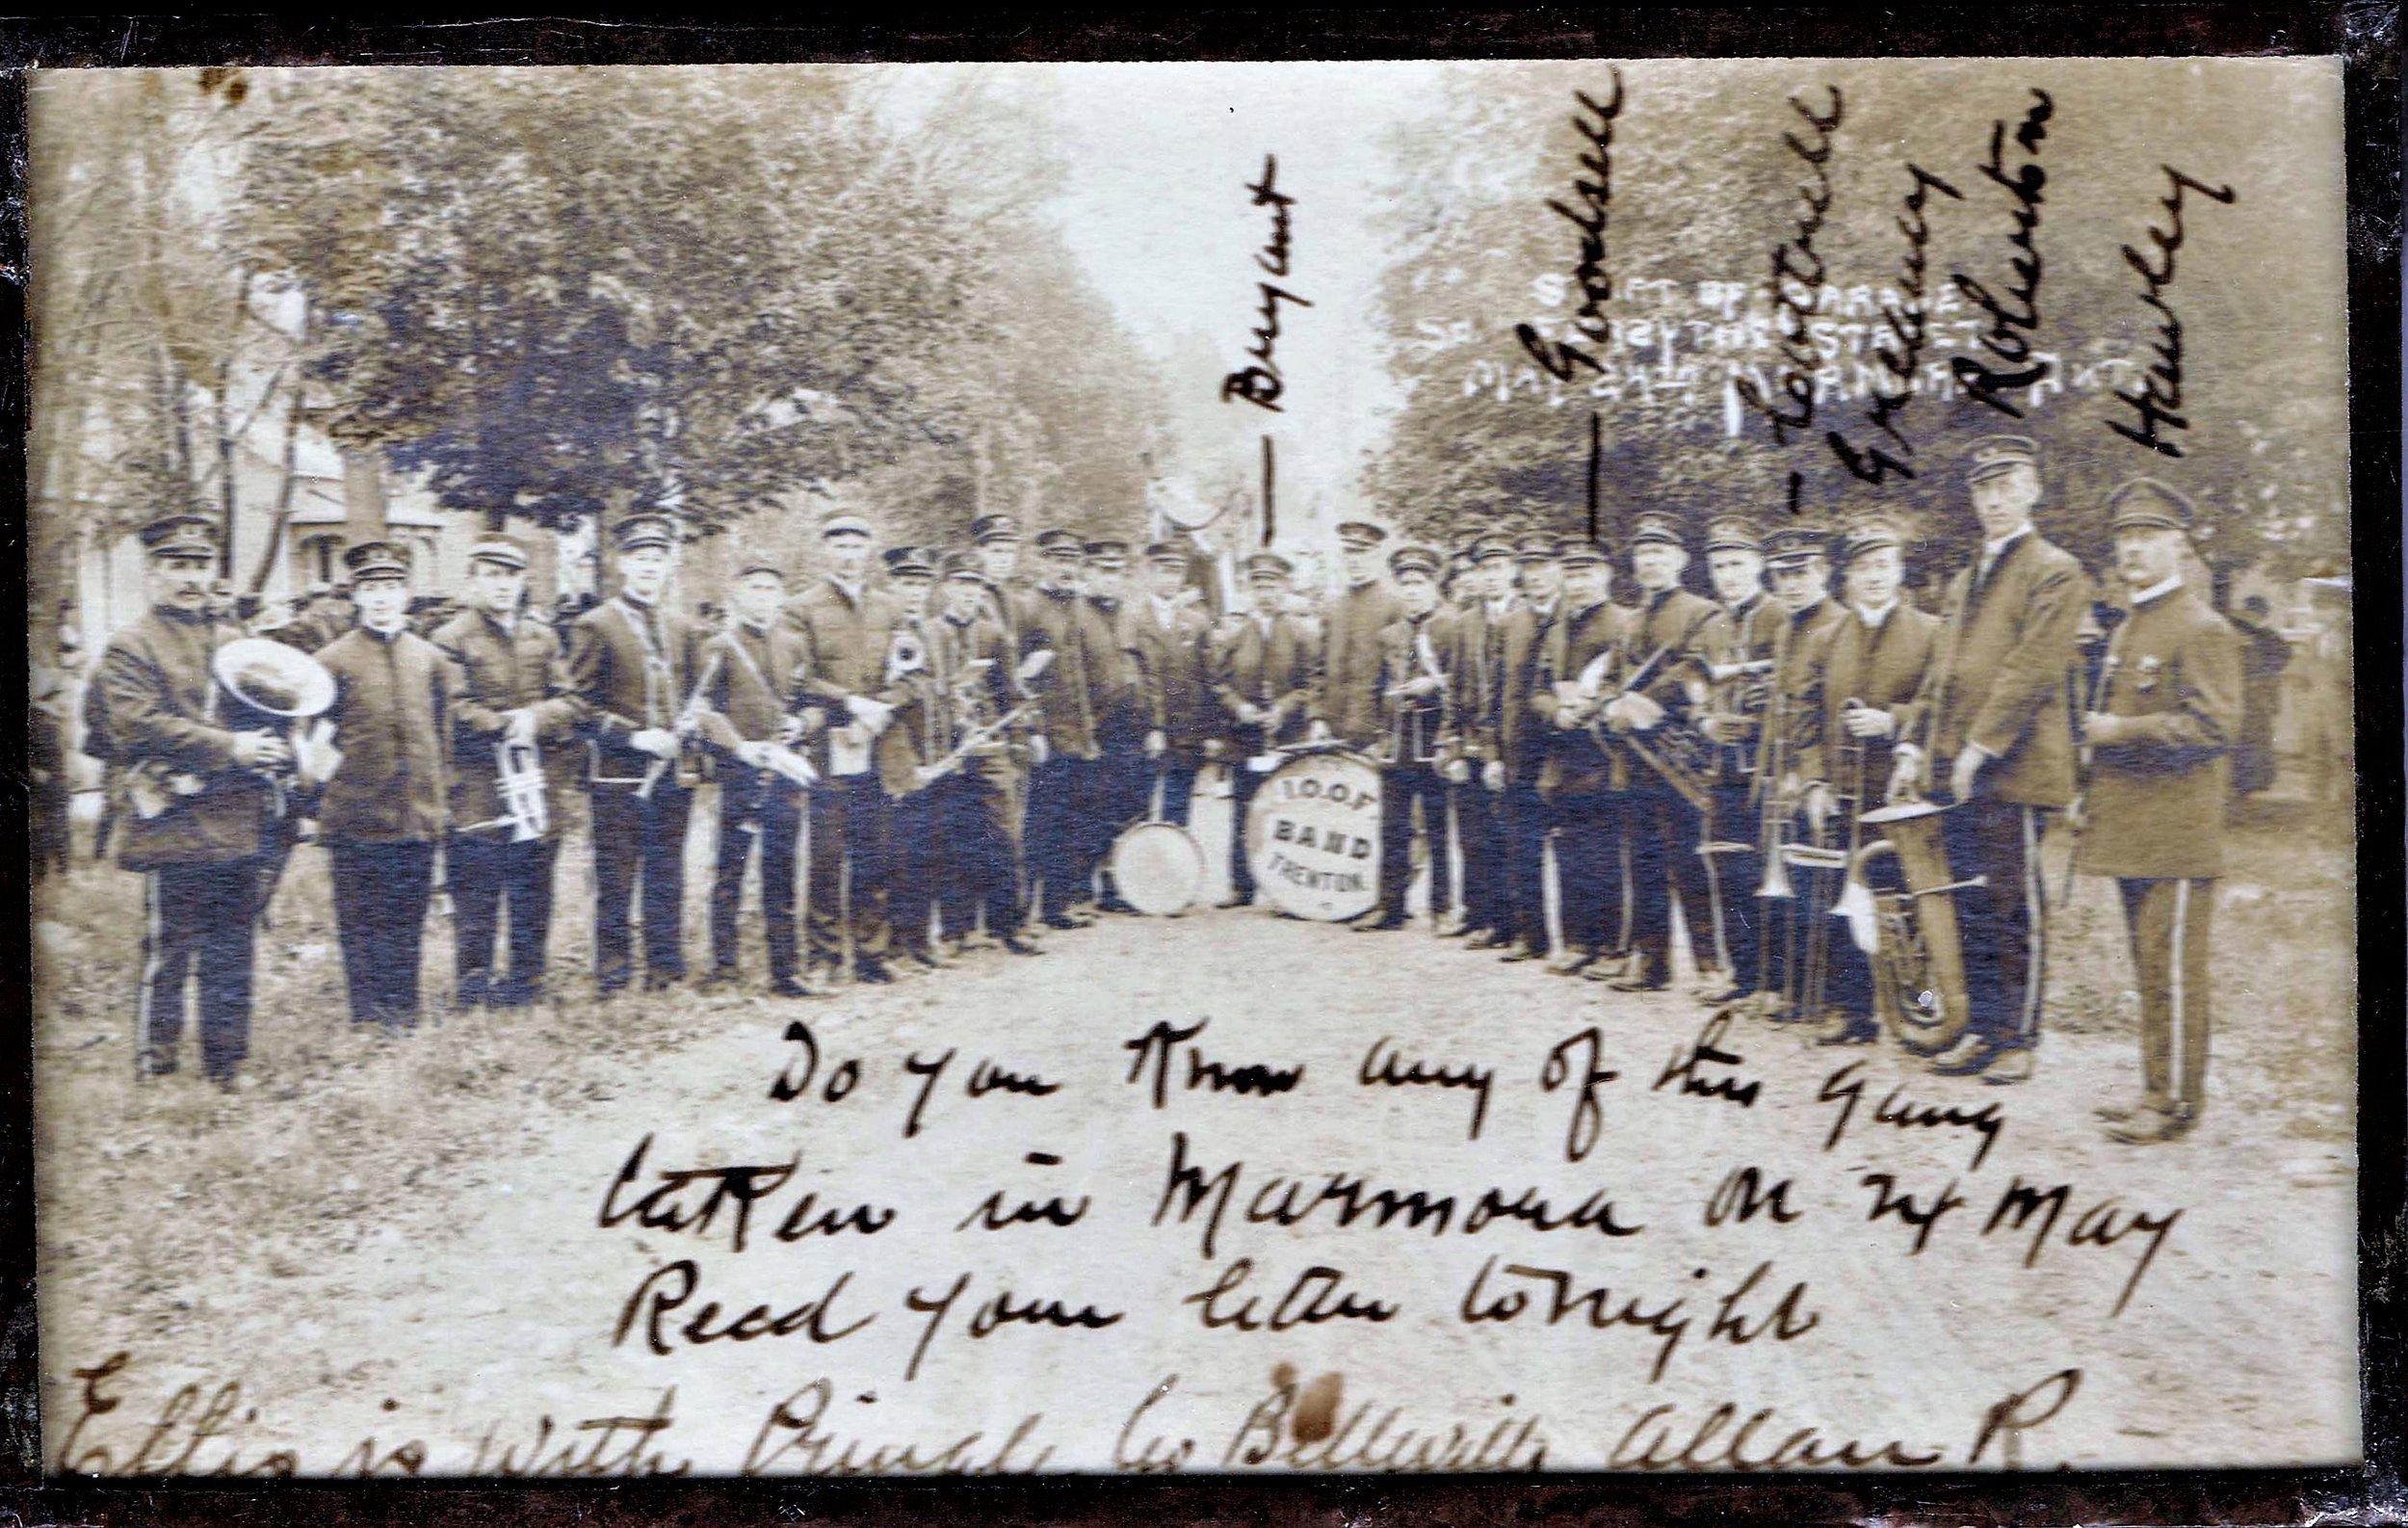 Start of parade, forsyth st., Marmora, may 24, 1910